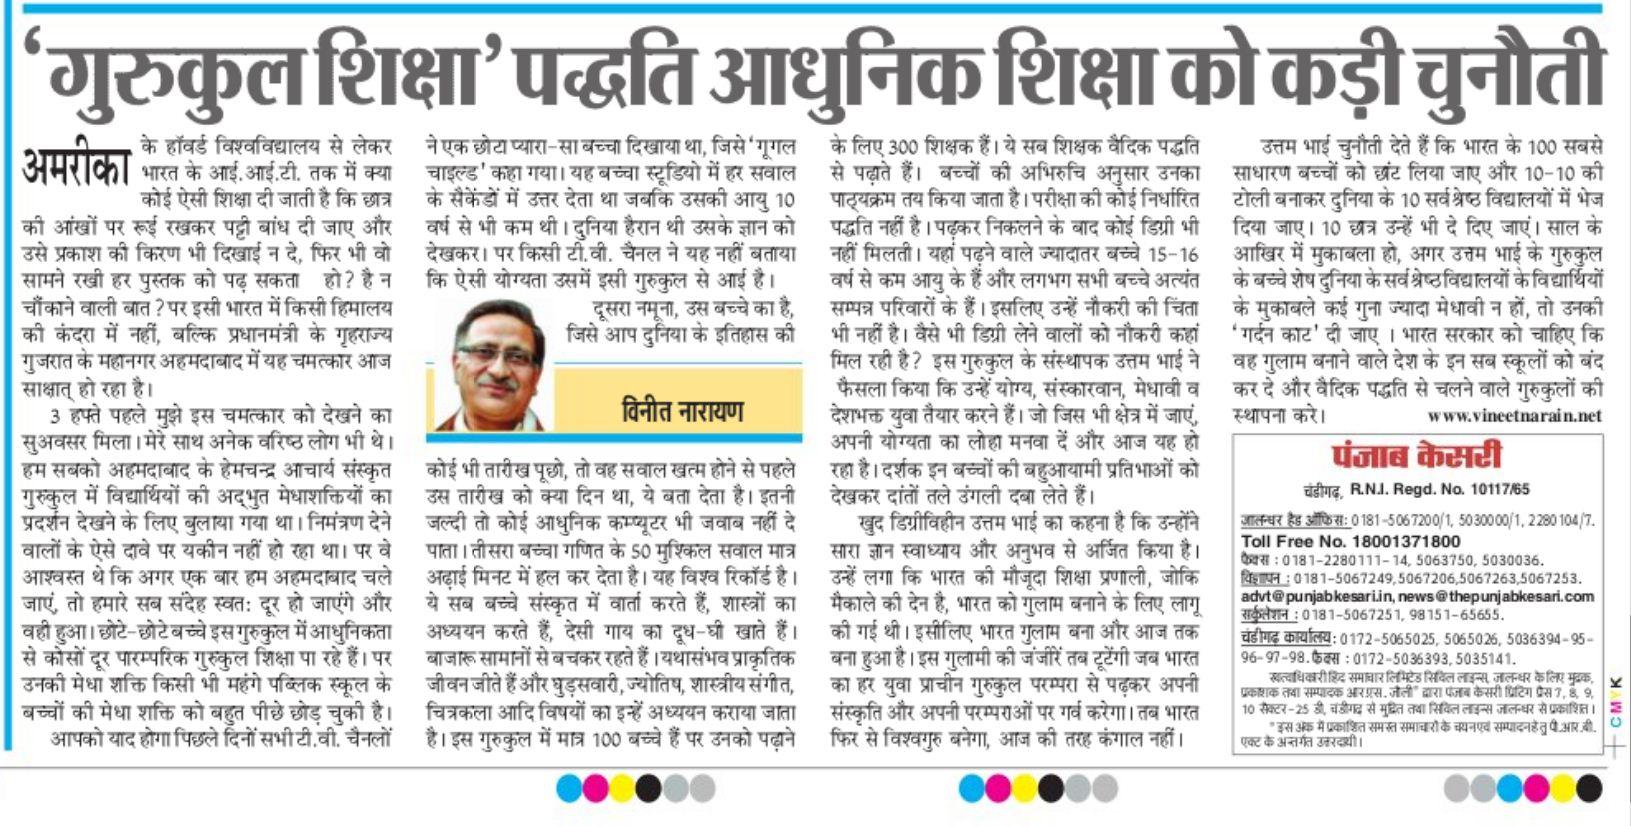 child challaenge to modern study system gujrat gurukul uttam bhai